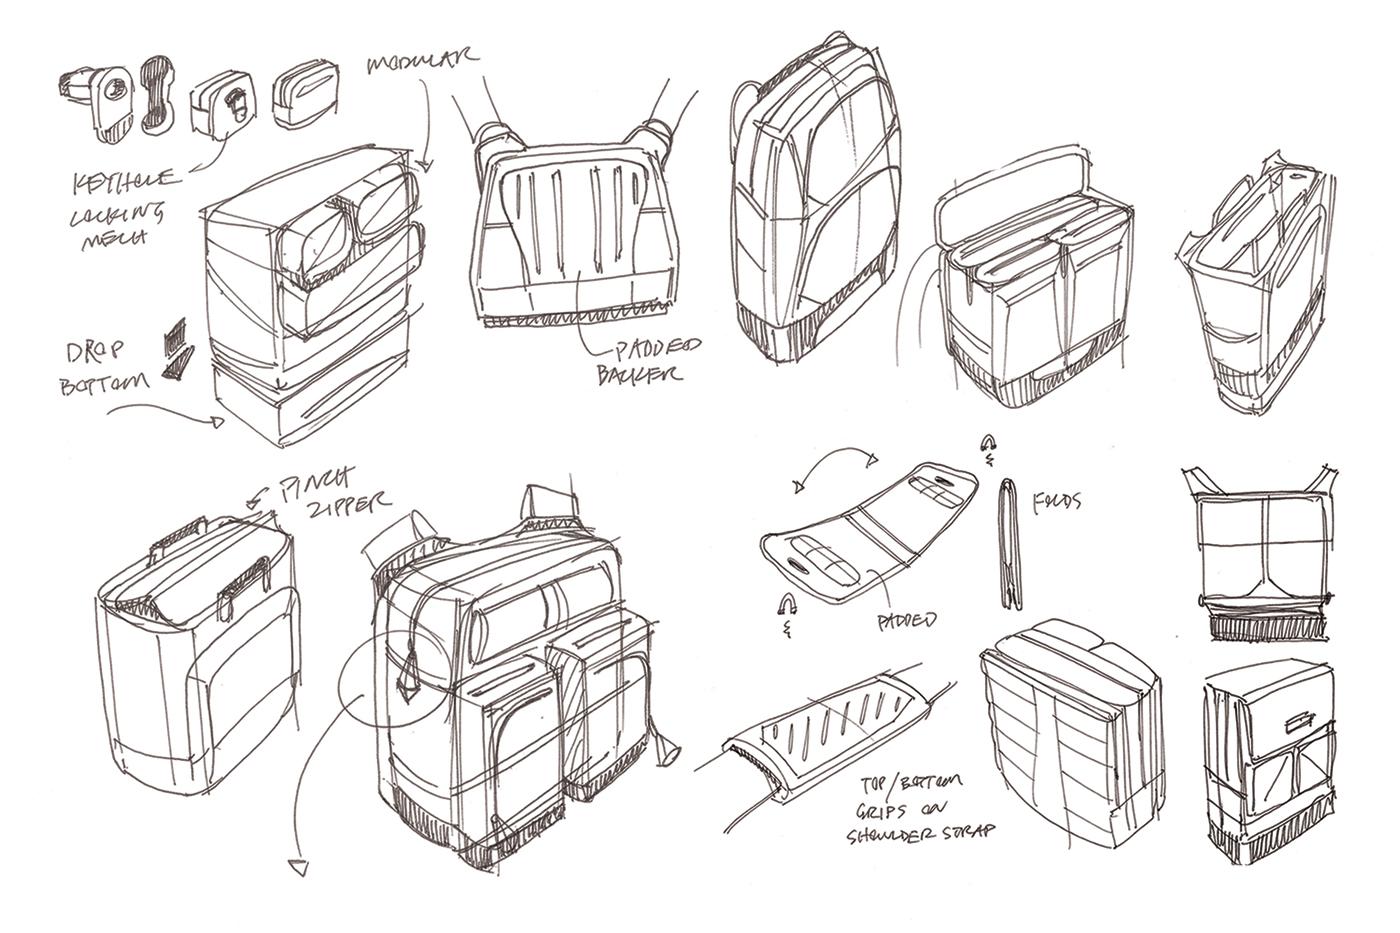 KINBUILT Industrial Design Sketches